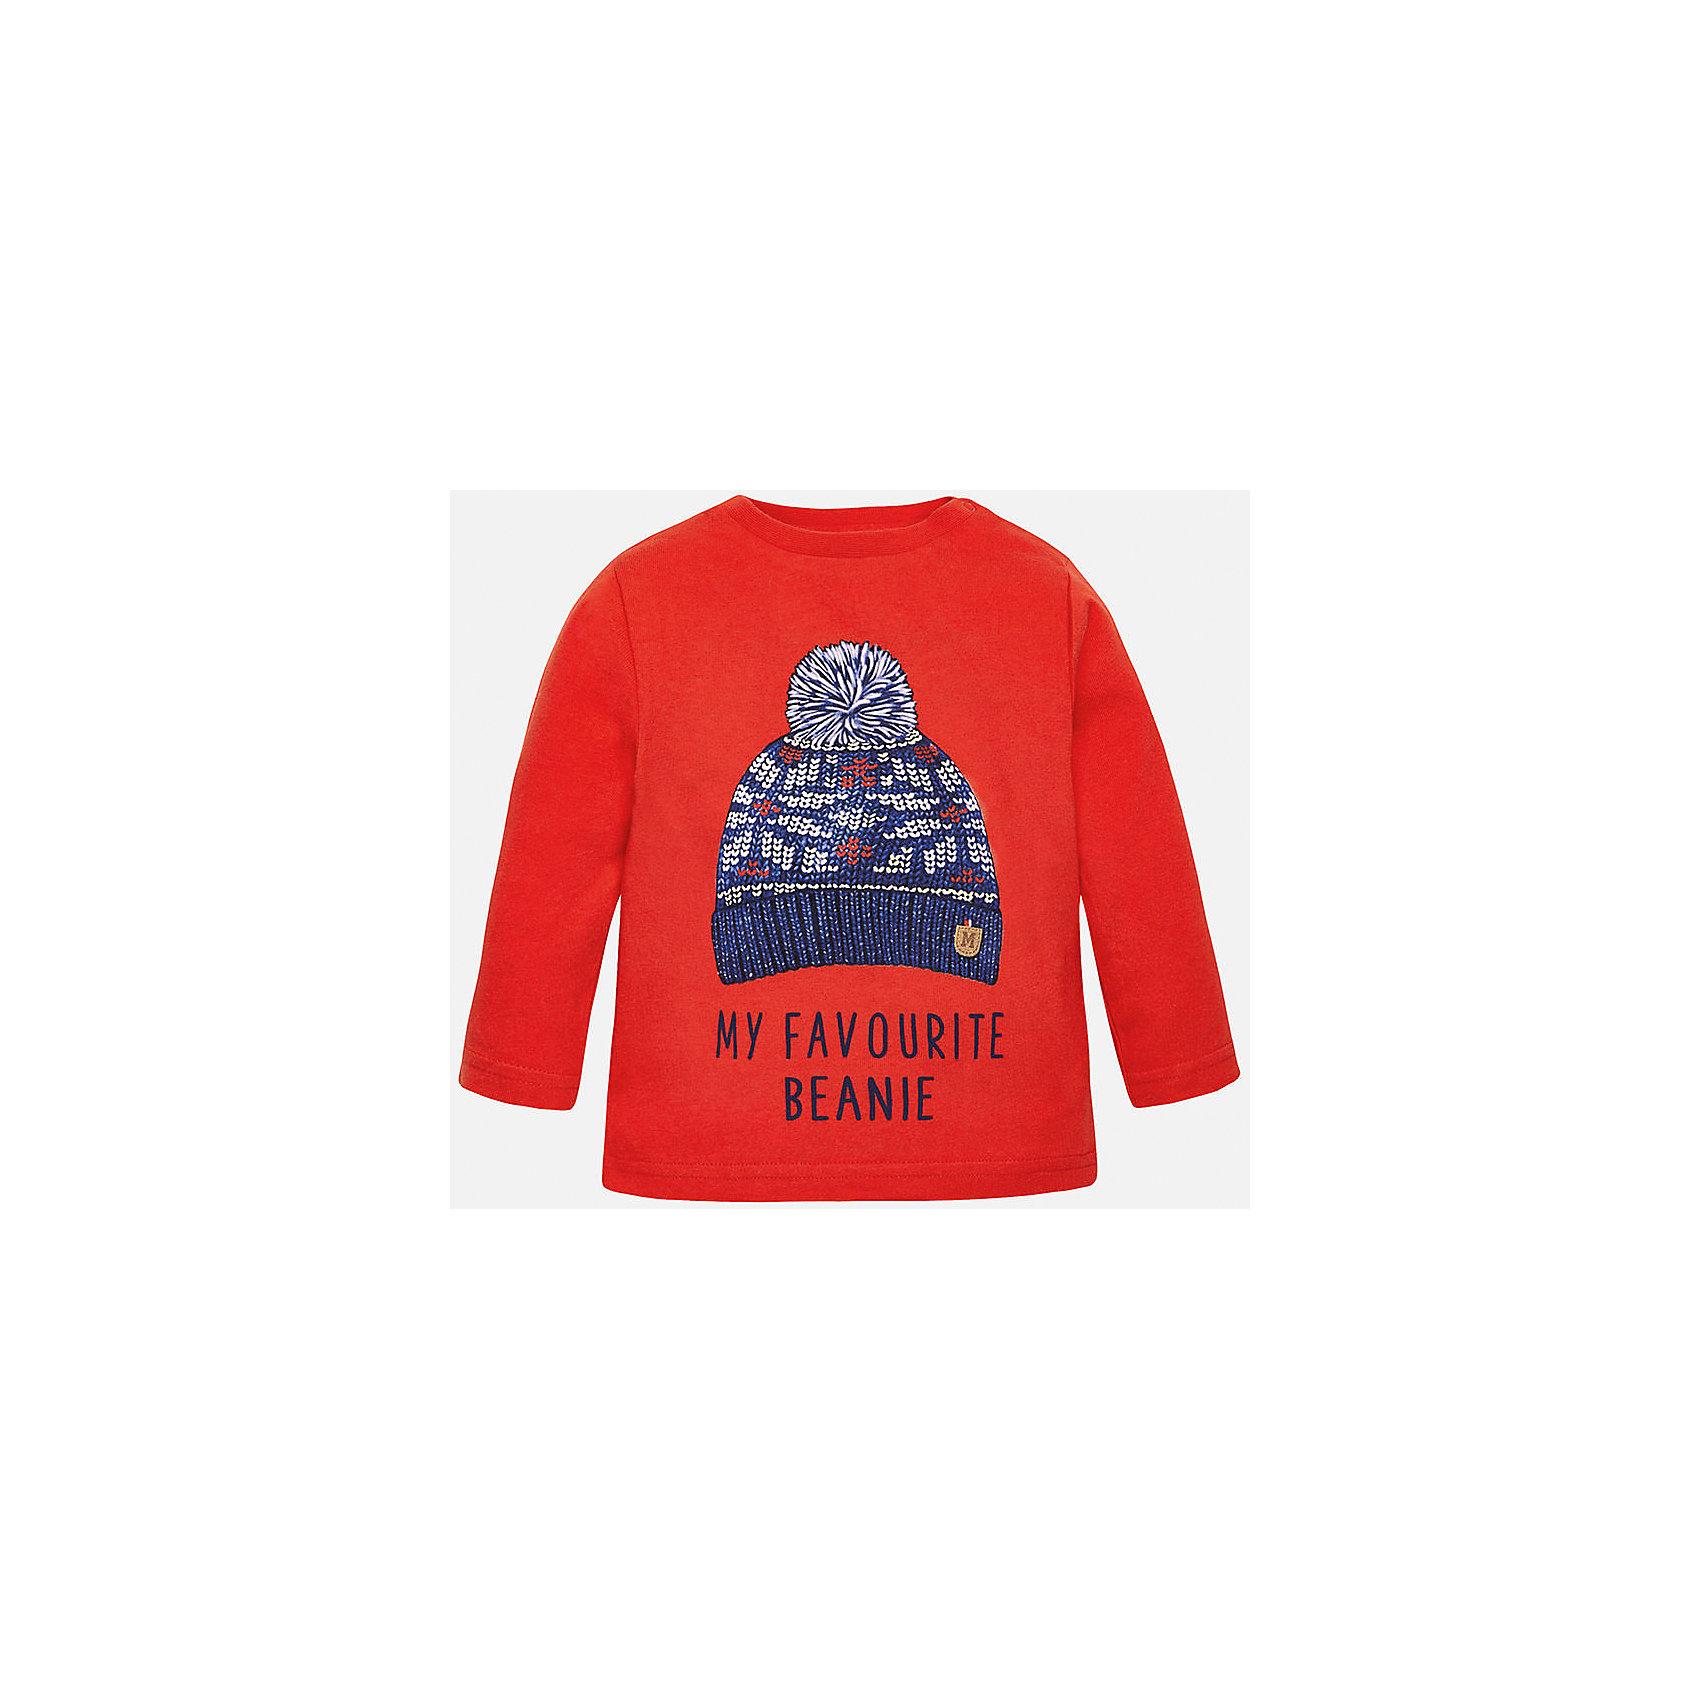 Футболка с длинным рукавом для мальчика MayoralФутболка для мальчика от известного испанского бренда Mayoral. Футболка сделана из мягкого 100% хлопка. Прямой силуэт, длинные рукава, на вороте есть кнопка-застежка.  Спереди футболка украшена принтом с шапкой-бини и эмблемой бренда.<br>Дополнительная информация:<br>-прямой силуэт<br>-длинные рукава<br>-цвет: красный<br>-состав: 100% хлопок<br>Футболку Mayoral вы можете приобрести в нашем интернет-магазине.<br><br>Ширина мм: 230<br>Глубина мм: 40<br>Высота мм: 220<br>Вес г: 250<br>Цвет: коричневый<br>Возраст от месяцев: 12<br>Возраст до месяцев: 15<br>Пол: Мужской<br>Возраст: Детский<br>Размер: 80,86,92,74<br>SKU: 4820414